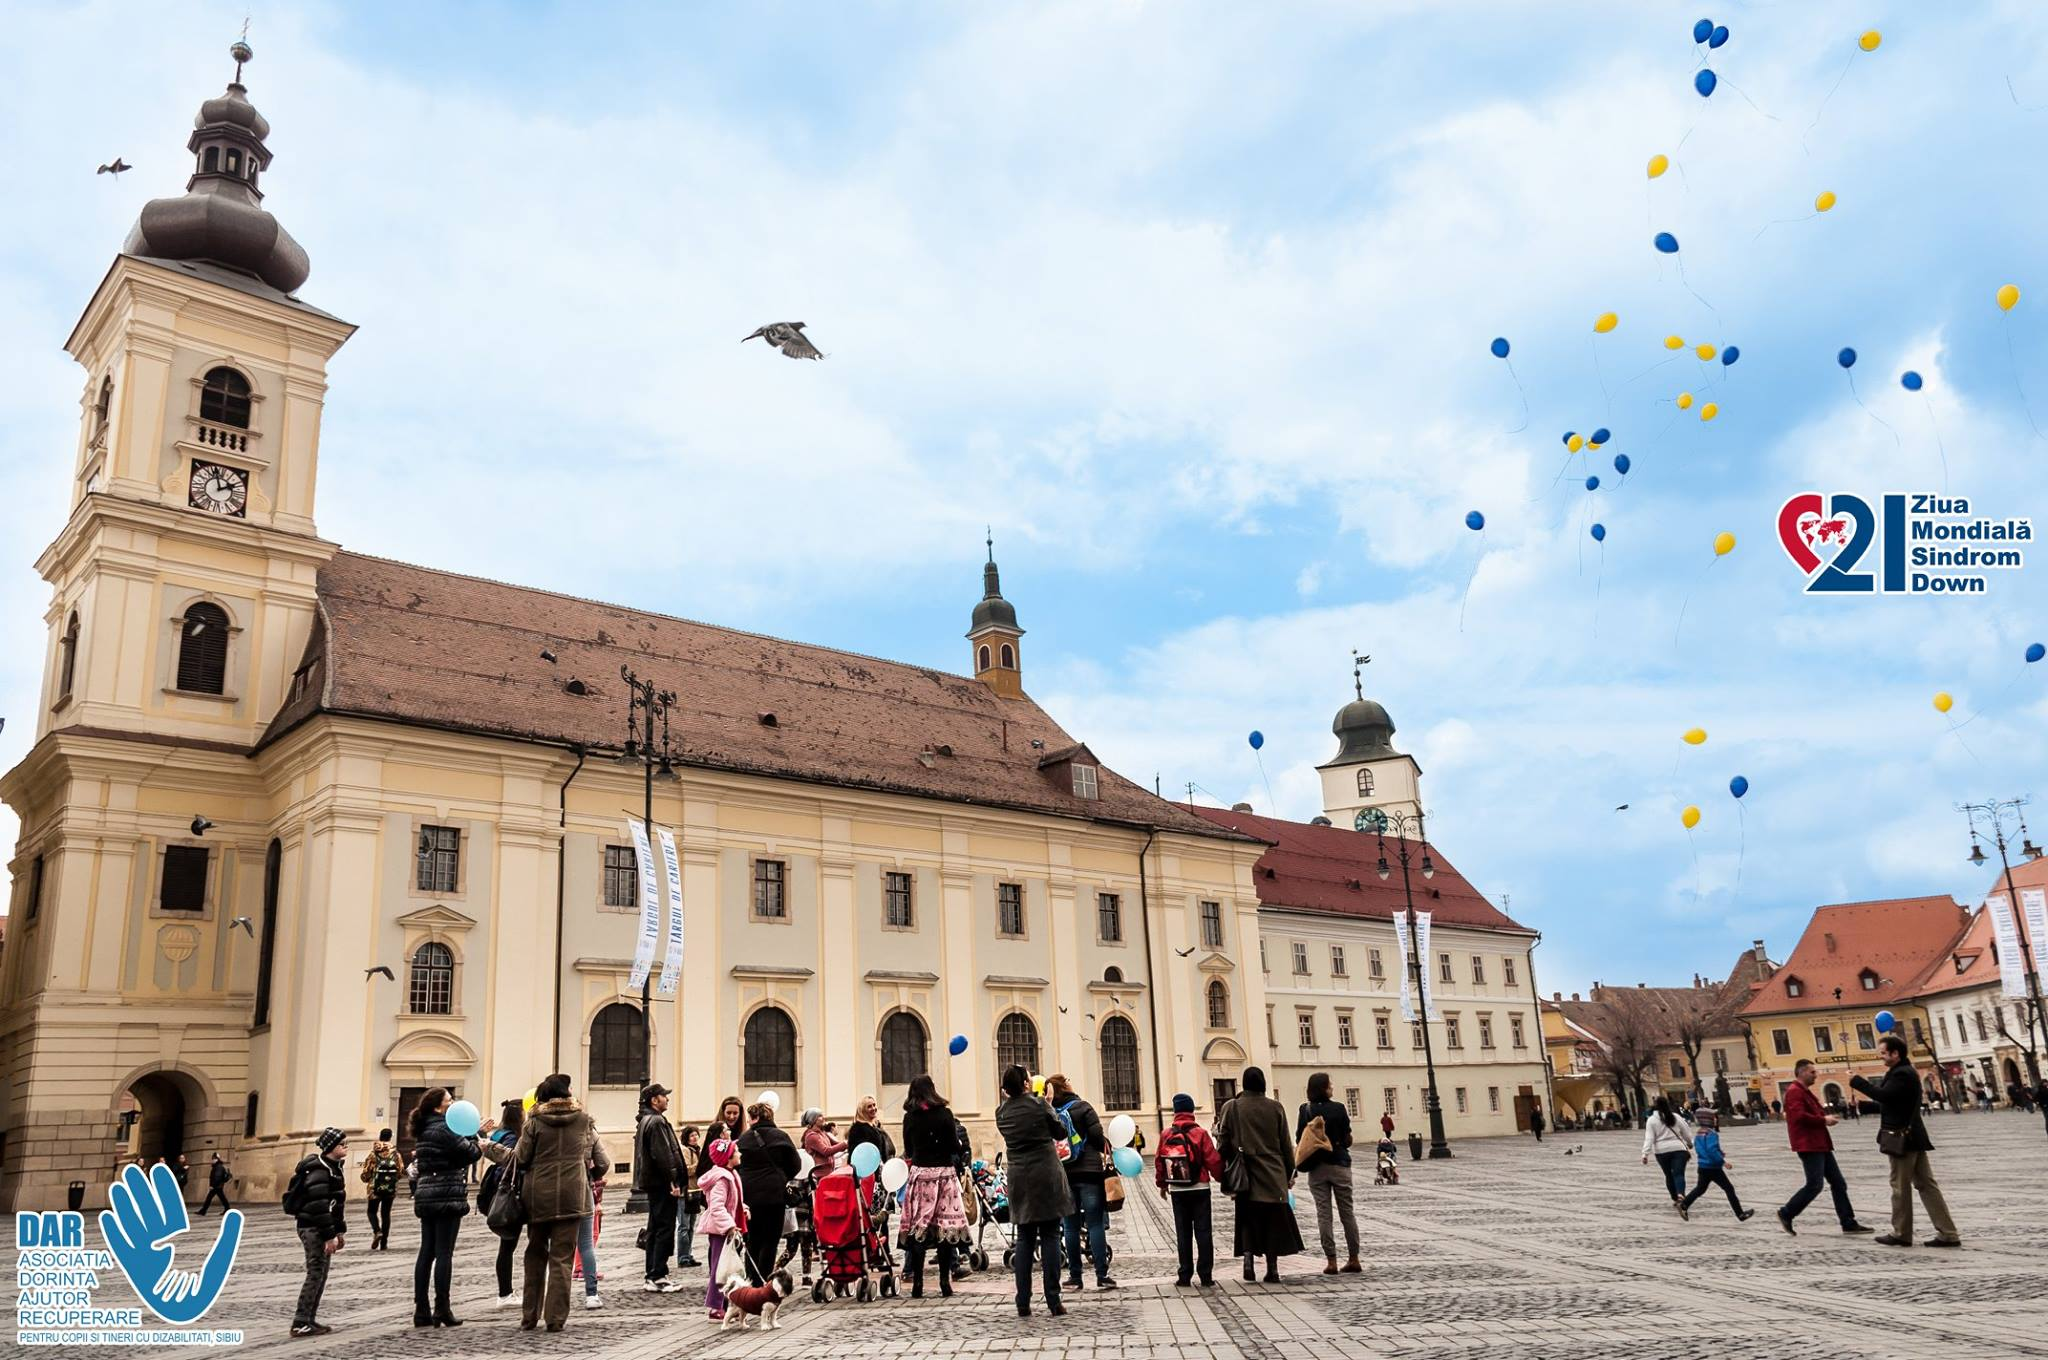 Ziua internațională a Sindromului Down - Asociatia DAR Sibiu